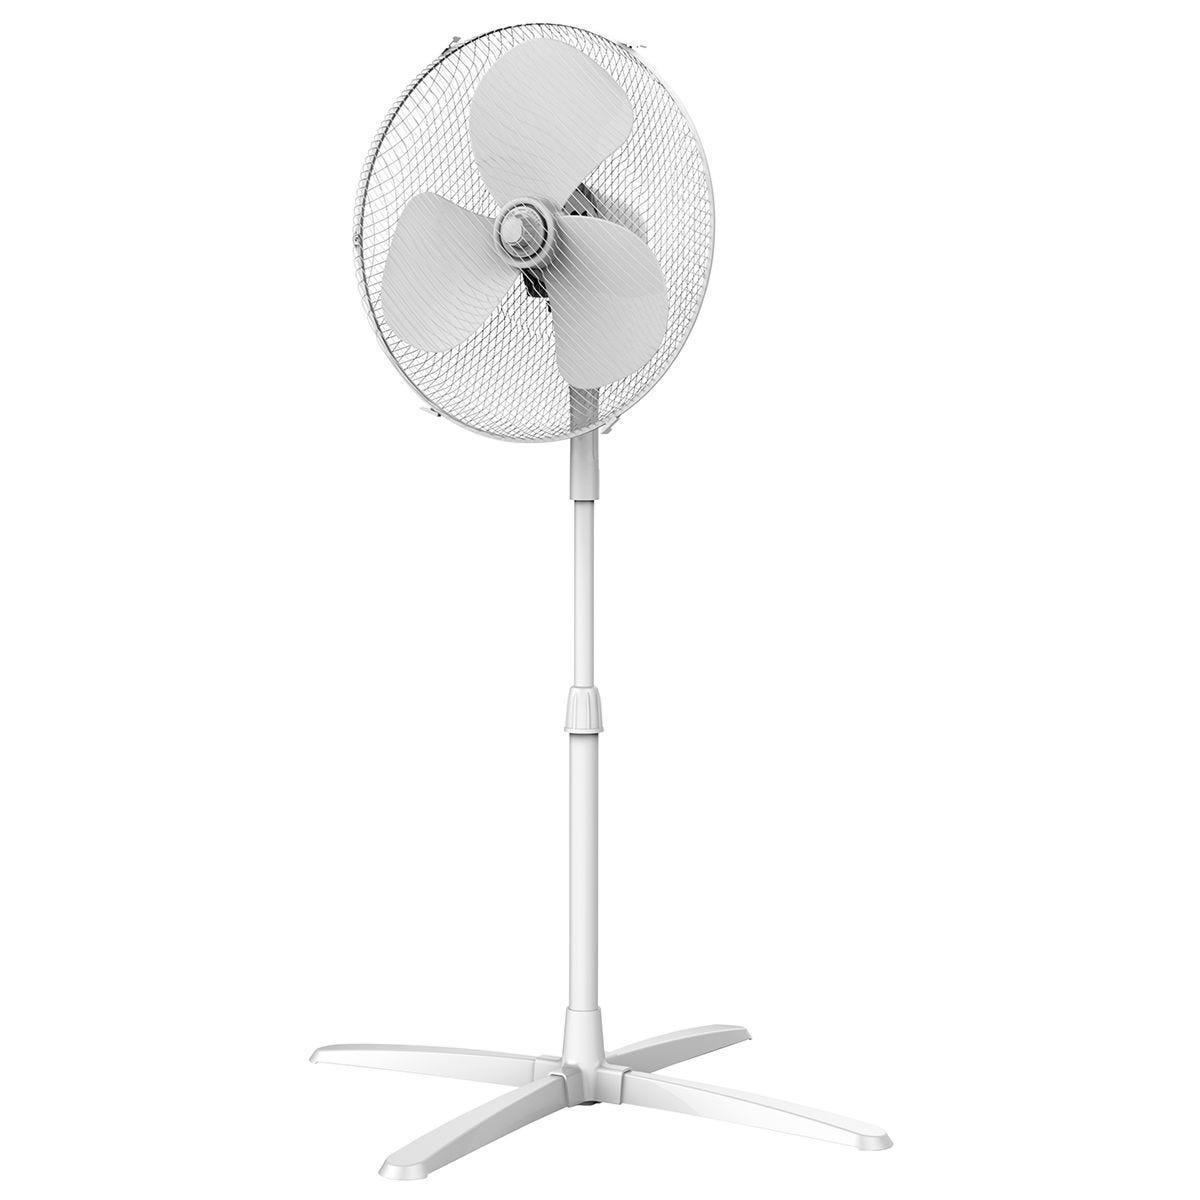 Igenix 16 Inch Pedestal Fan - White